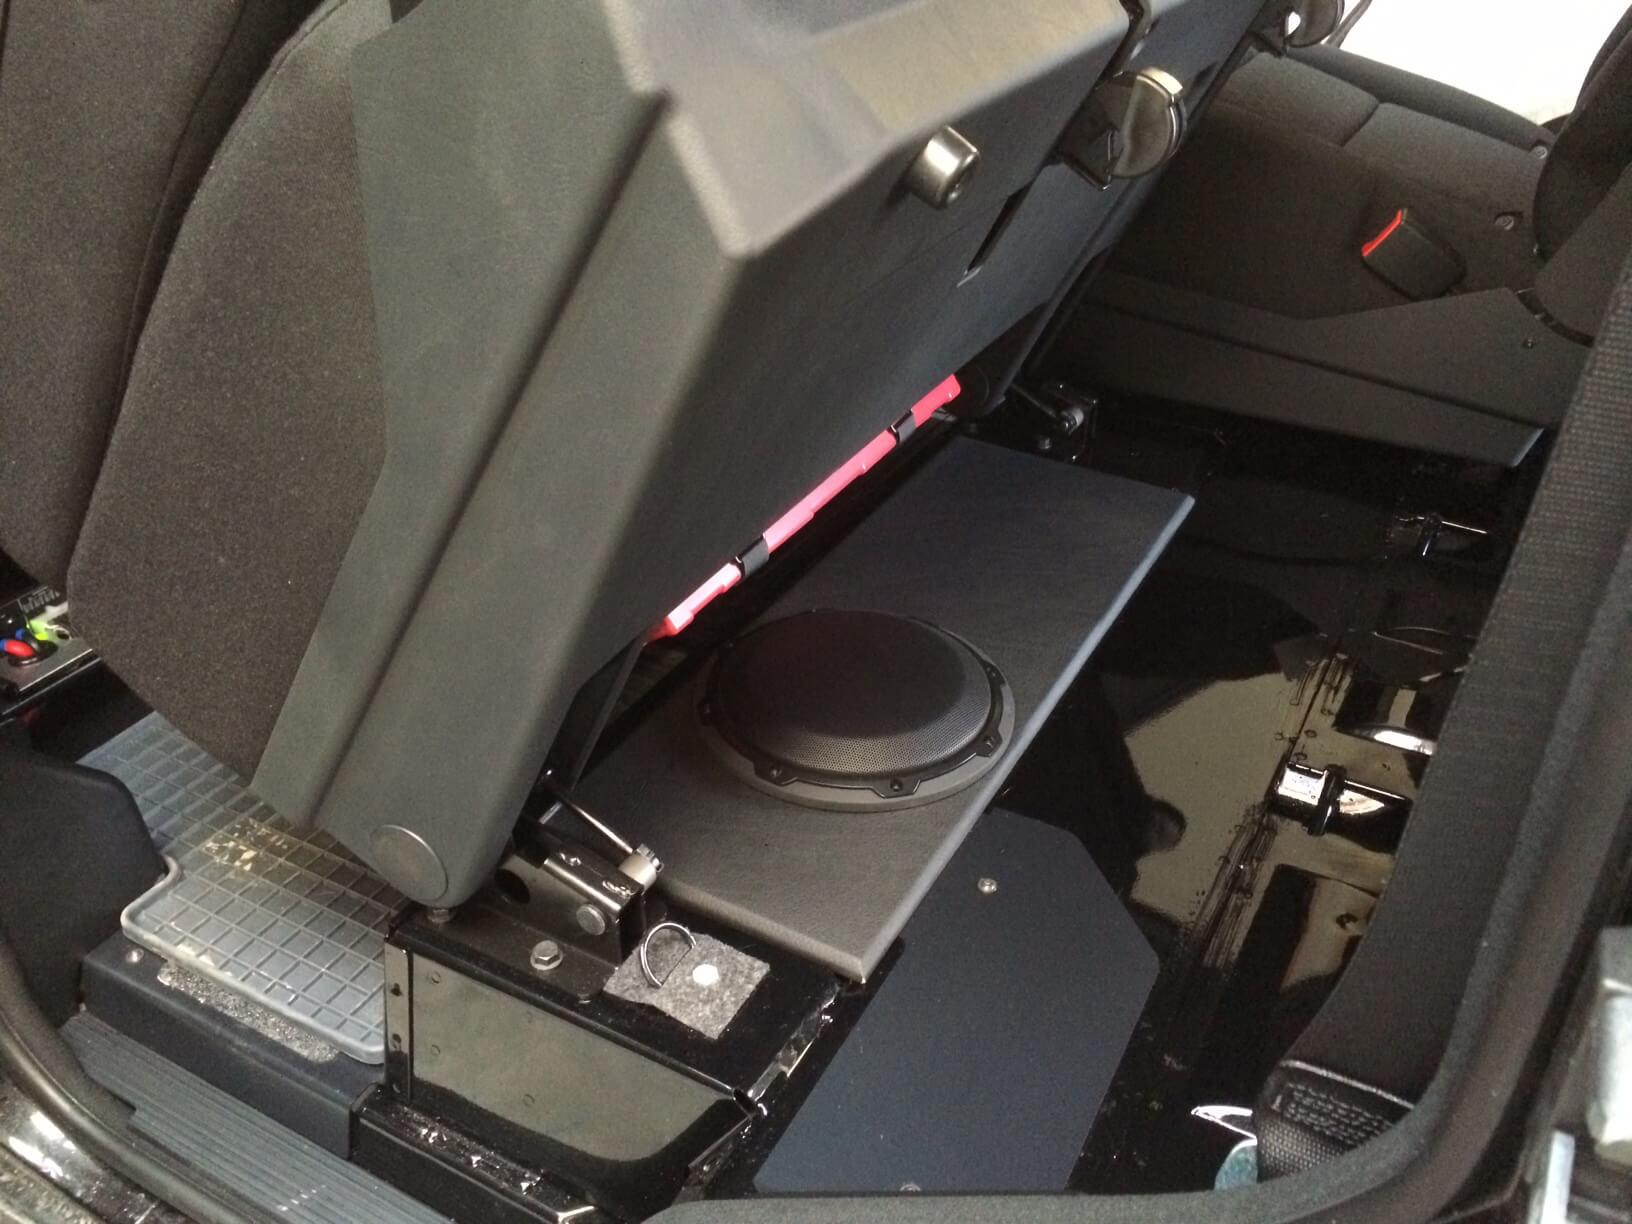 Armaturenbrett Mercedes G Professional (G-Klasse) Modelljahr 2016 und 2017 Alpine Navigationsystem JL Audio Subwoofer